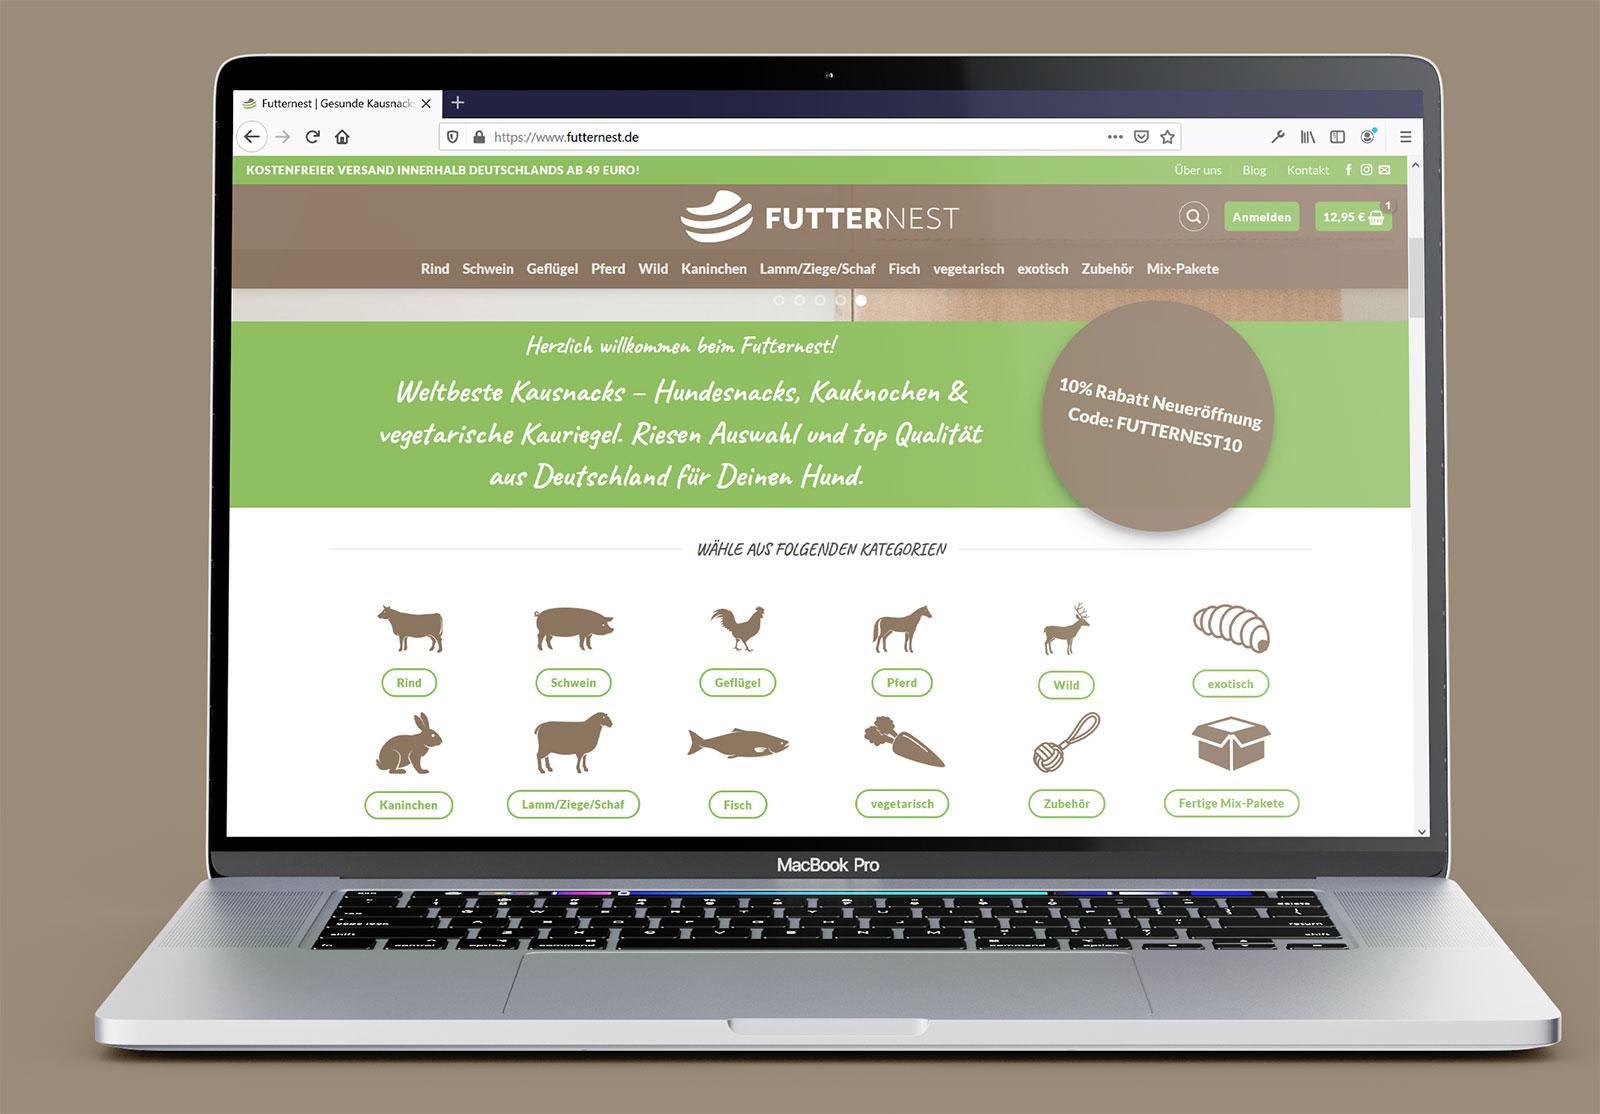 Bild von einem Macbook Screenshot von Futternest.de